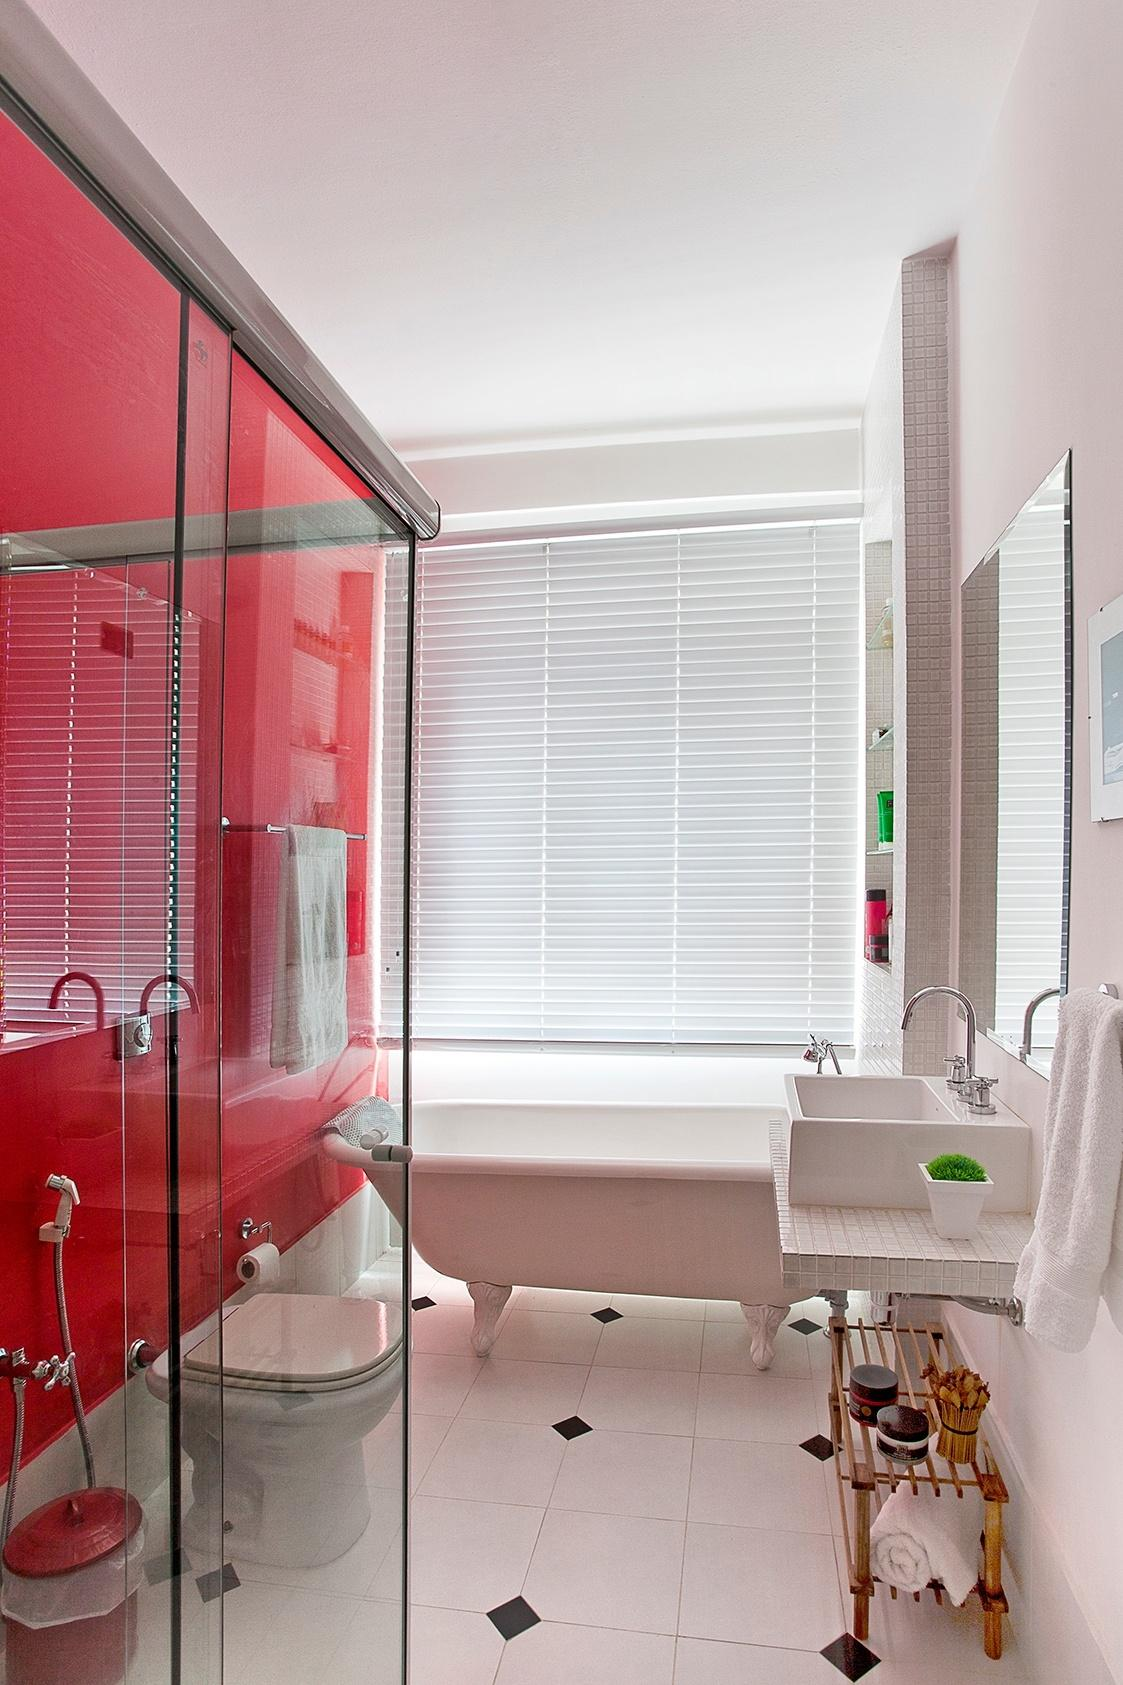 decoracao banheiro velho:10 Revestimentos Para à ¡reas Molhadas Na  #9A313D 1123x1685 Banheiro Antigo Decoração